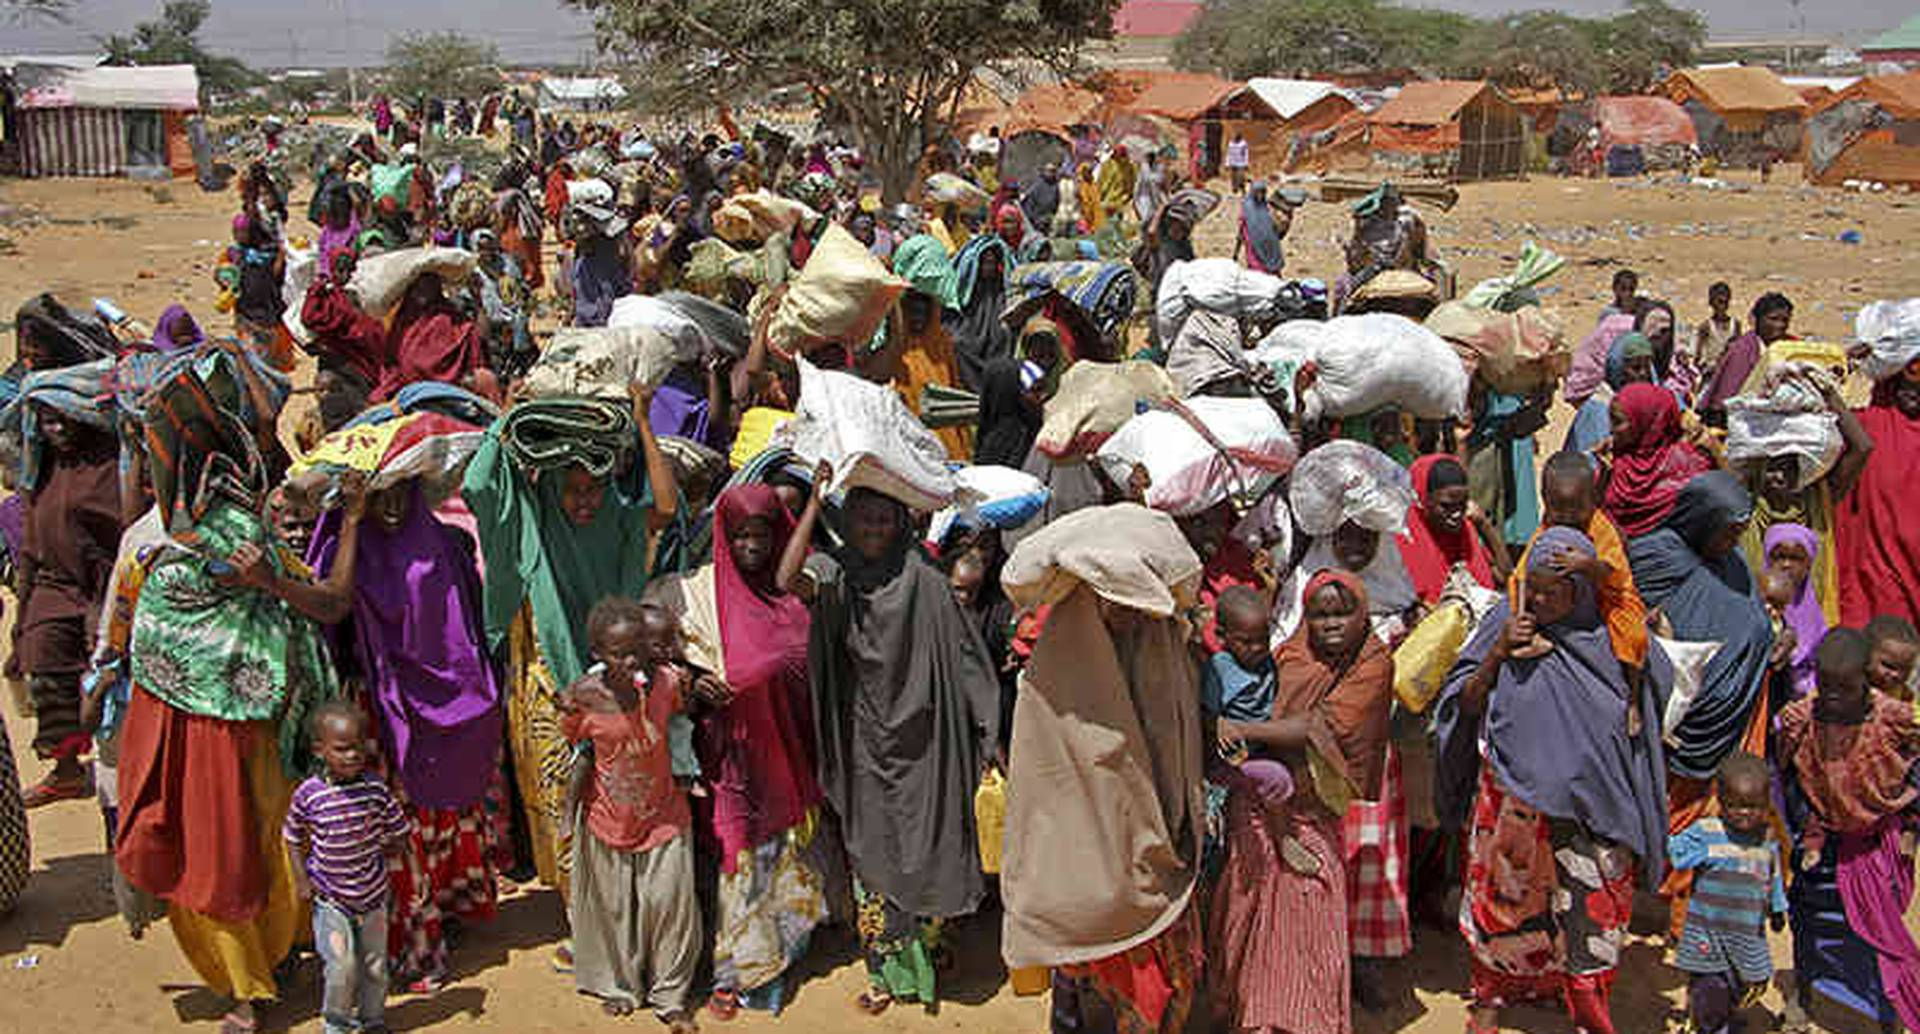 Los somalíes desplazados por la sequía, llegan a los campamentos improvisados en la zona de la Zonaha, en las afueras de Mogadiscio, Somalia, jueves 30 de marzo de 2017. La actual sequía de Somalia está amenazando a la mitad de la población del país (Foto del AP / Farah Abdi Warsameh)